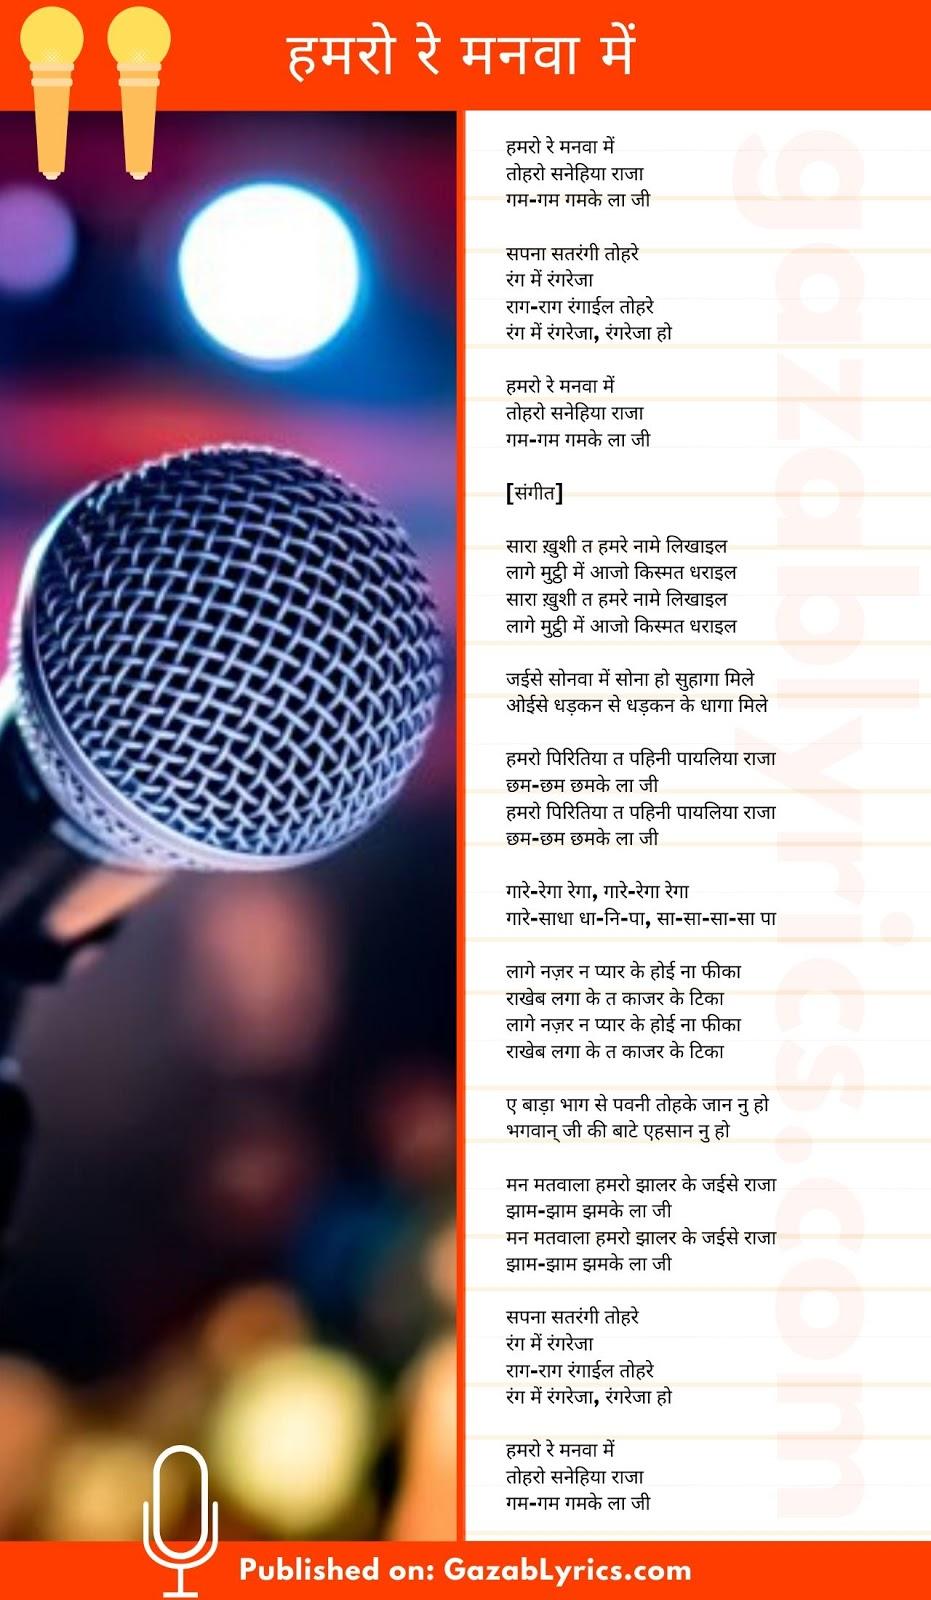 Hamro Re Manwa Me song lyrics image